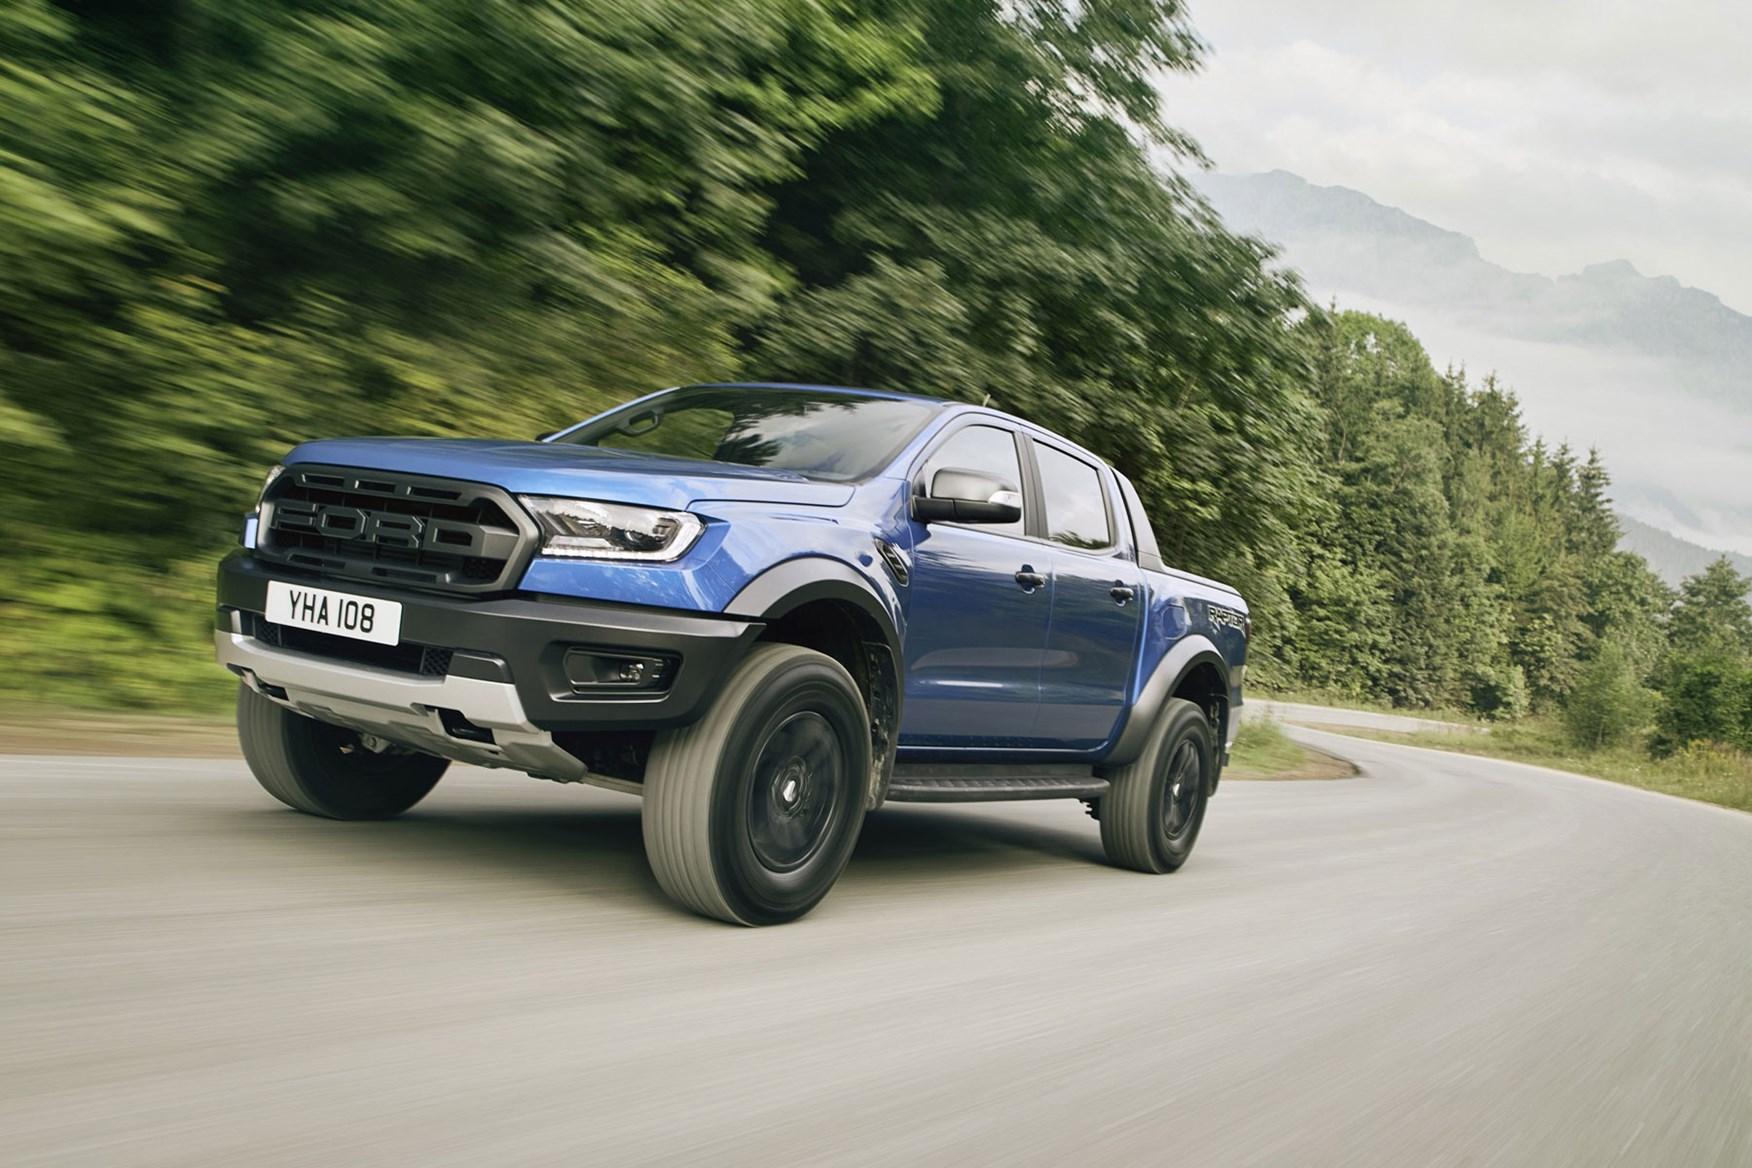 ford ranger raptor full details on new high performance pickup truck parkers. Black Bedroom Furniture Sets. Home Design Ideas